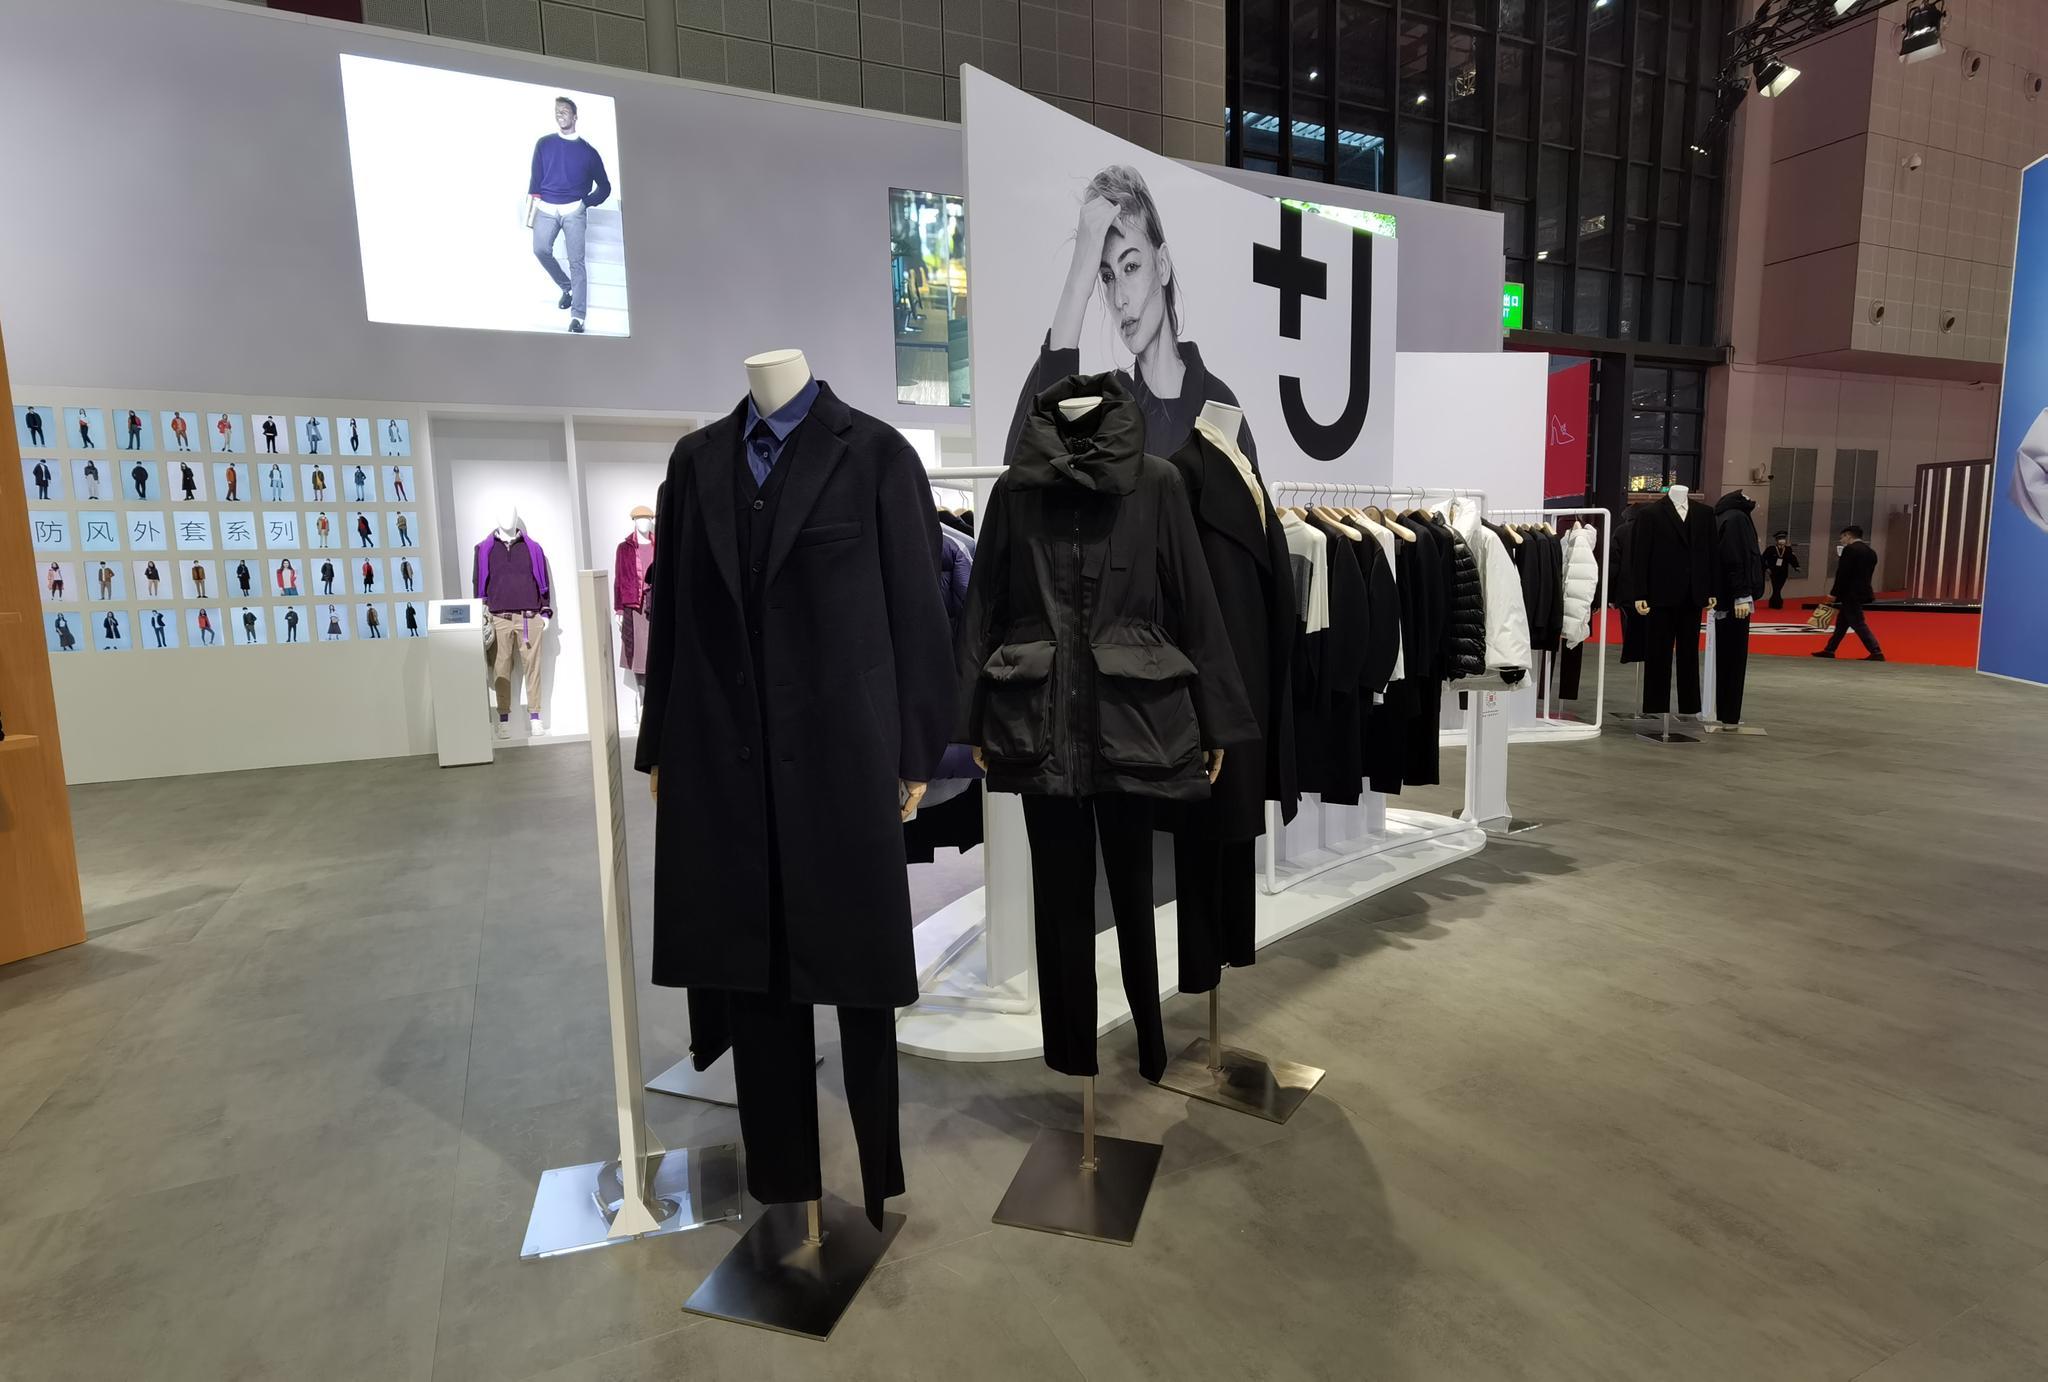 进博会上有时装秀?快时尚设计师教你今年秋冬流行穿搭